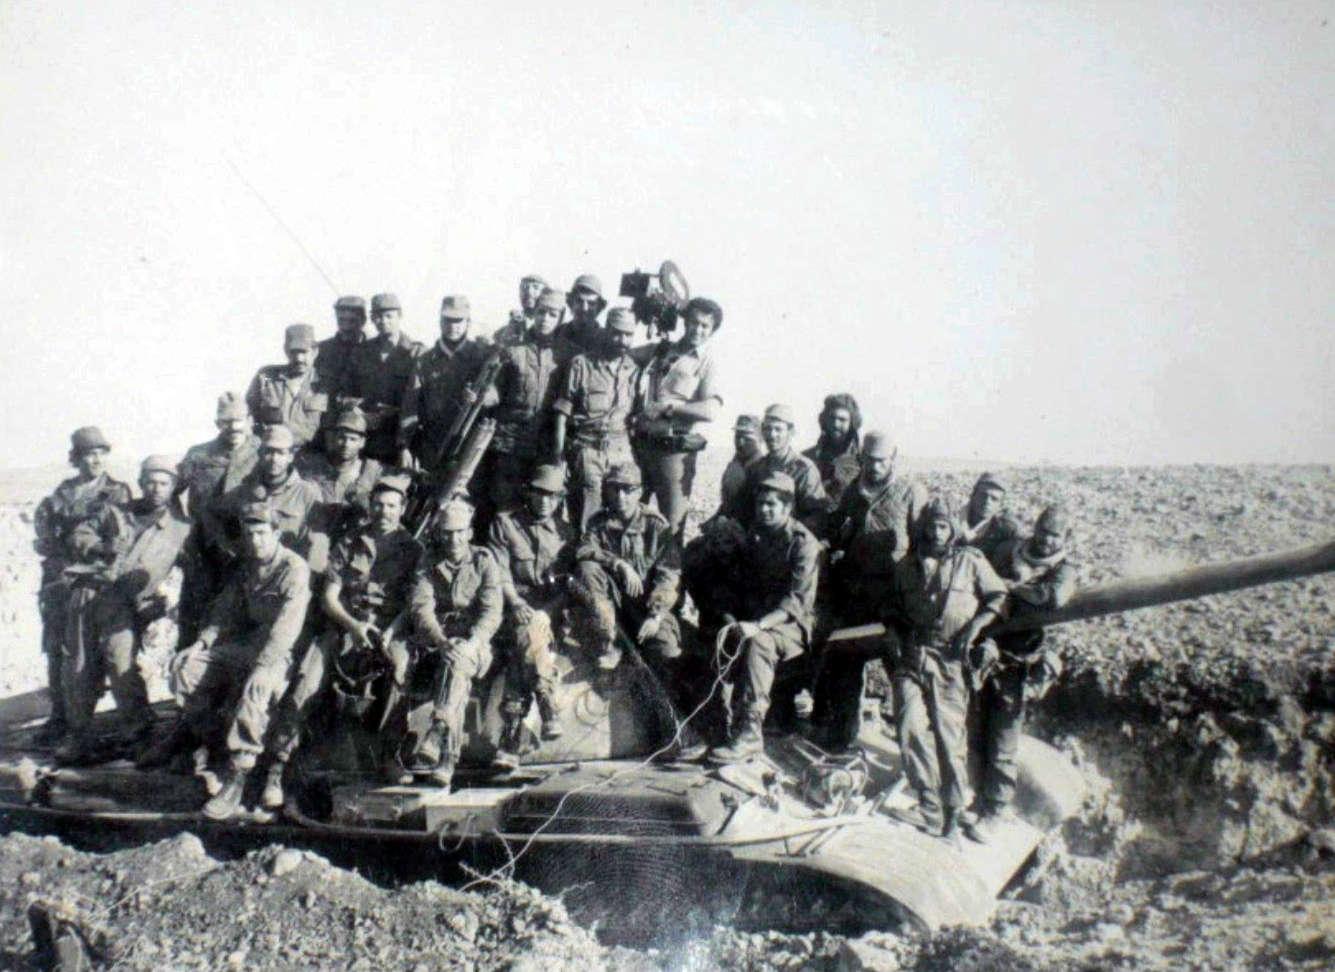 les FAR dans la Guerre d'octobre 1973 Clipbo37